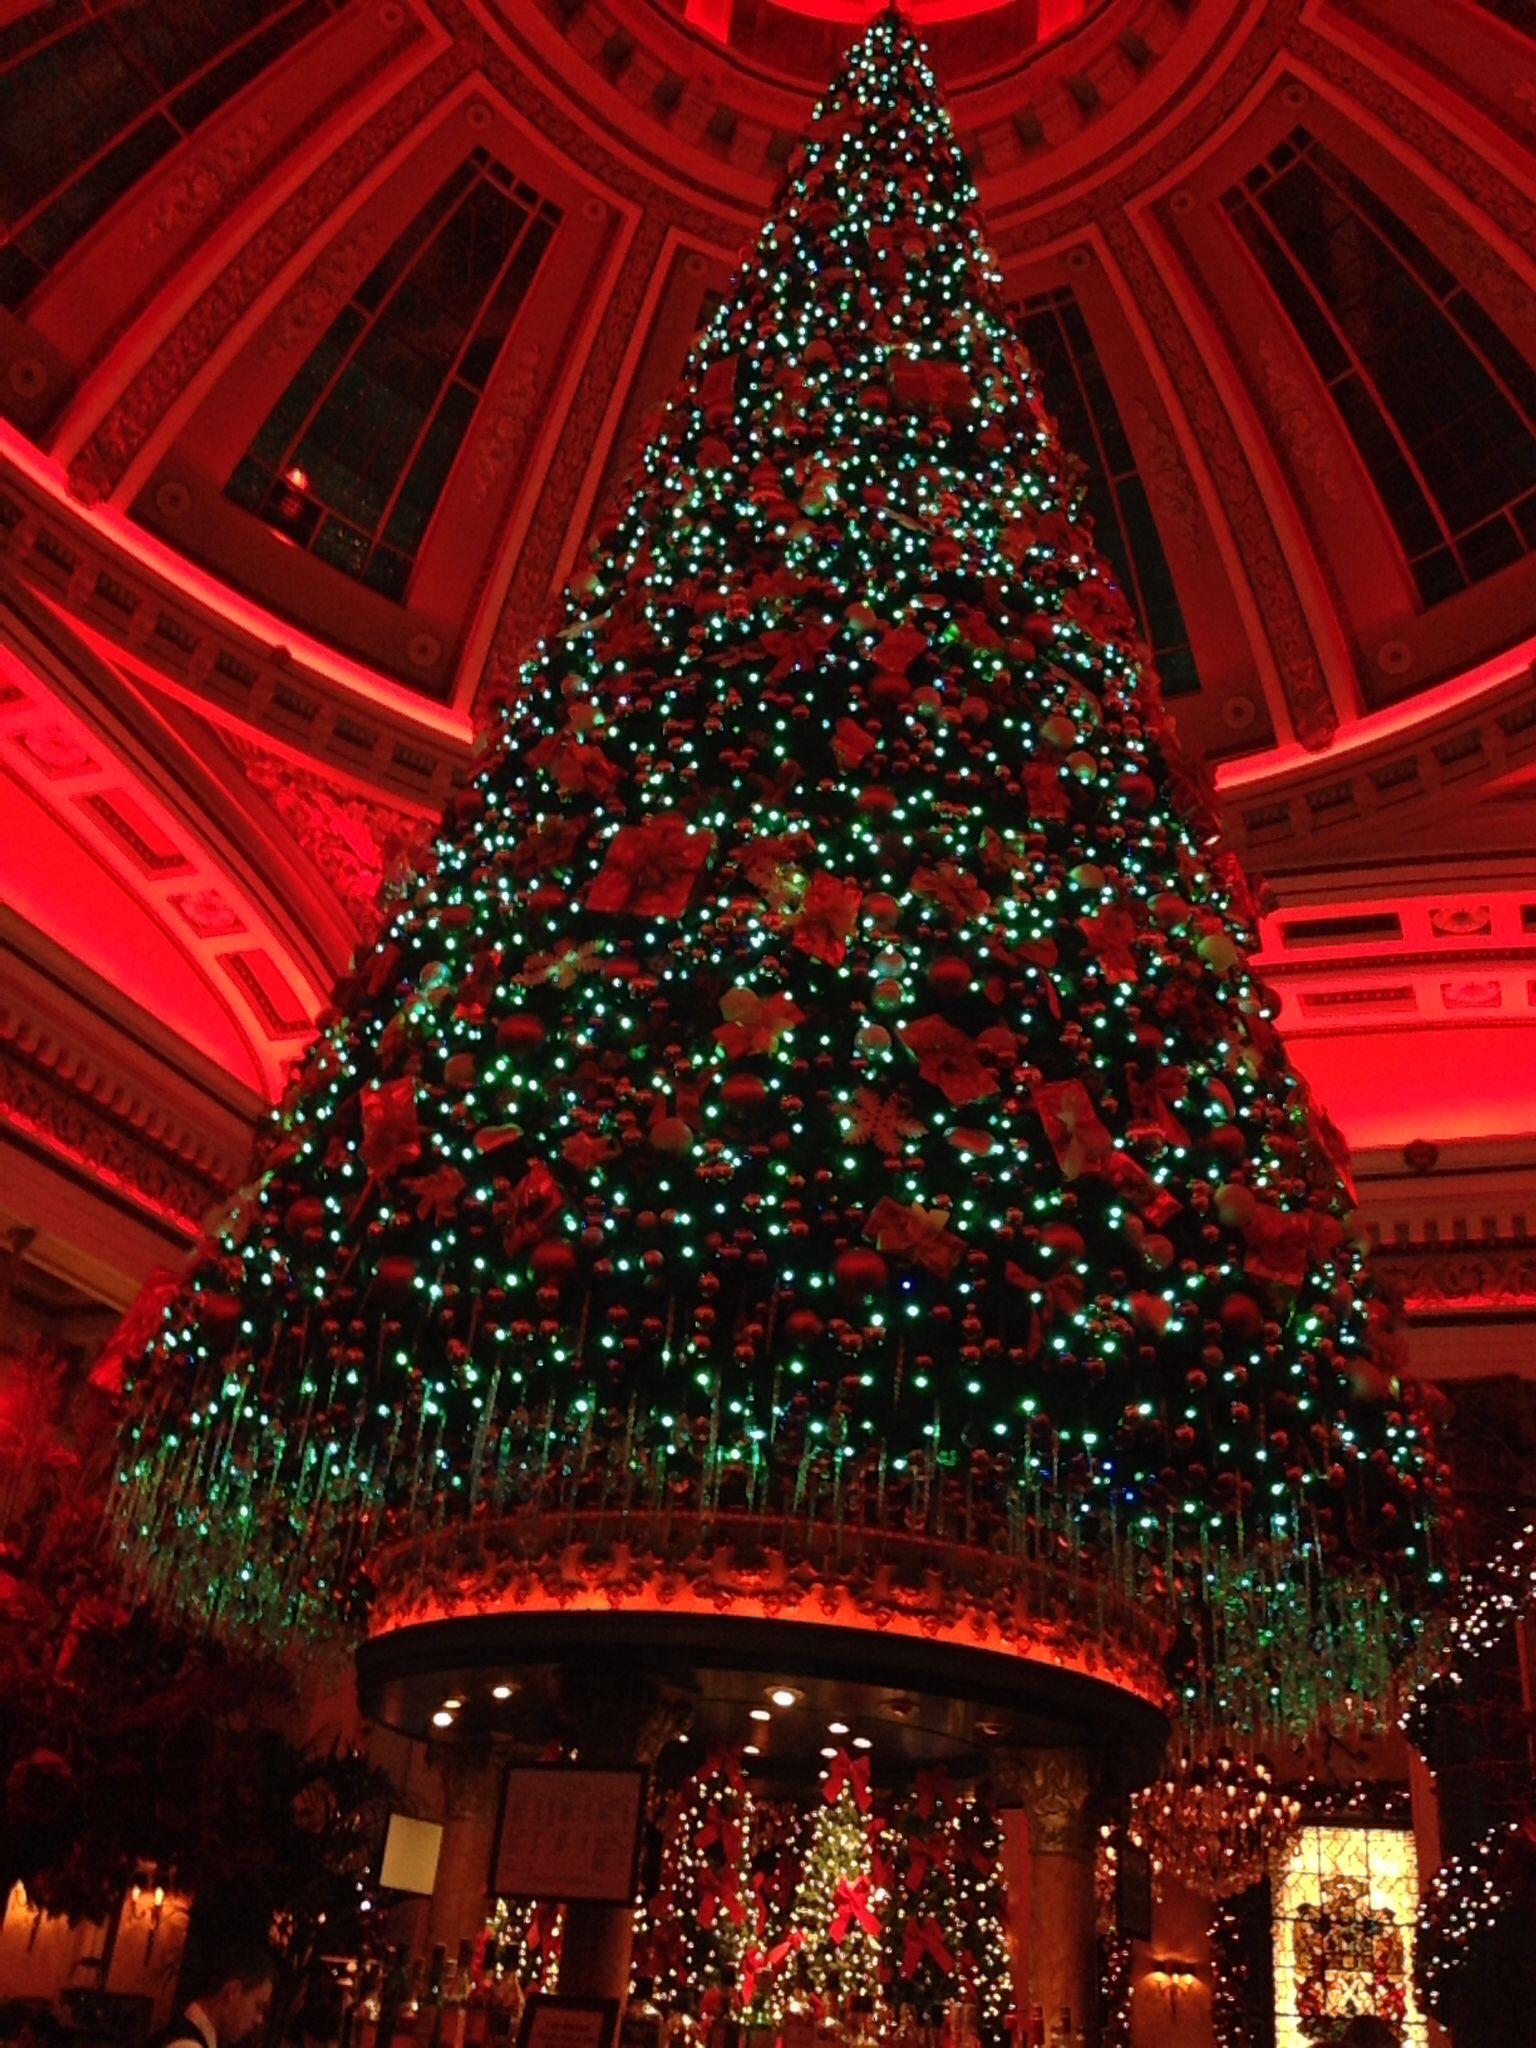 The Dome, Edinburgh Holiday decor, Christmas tree, Christmas